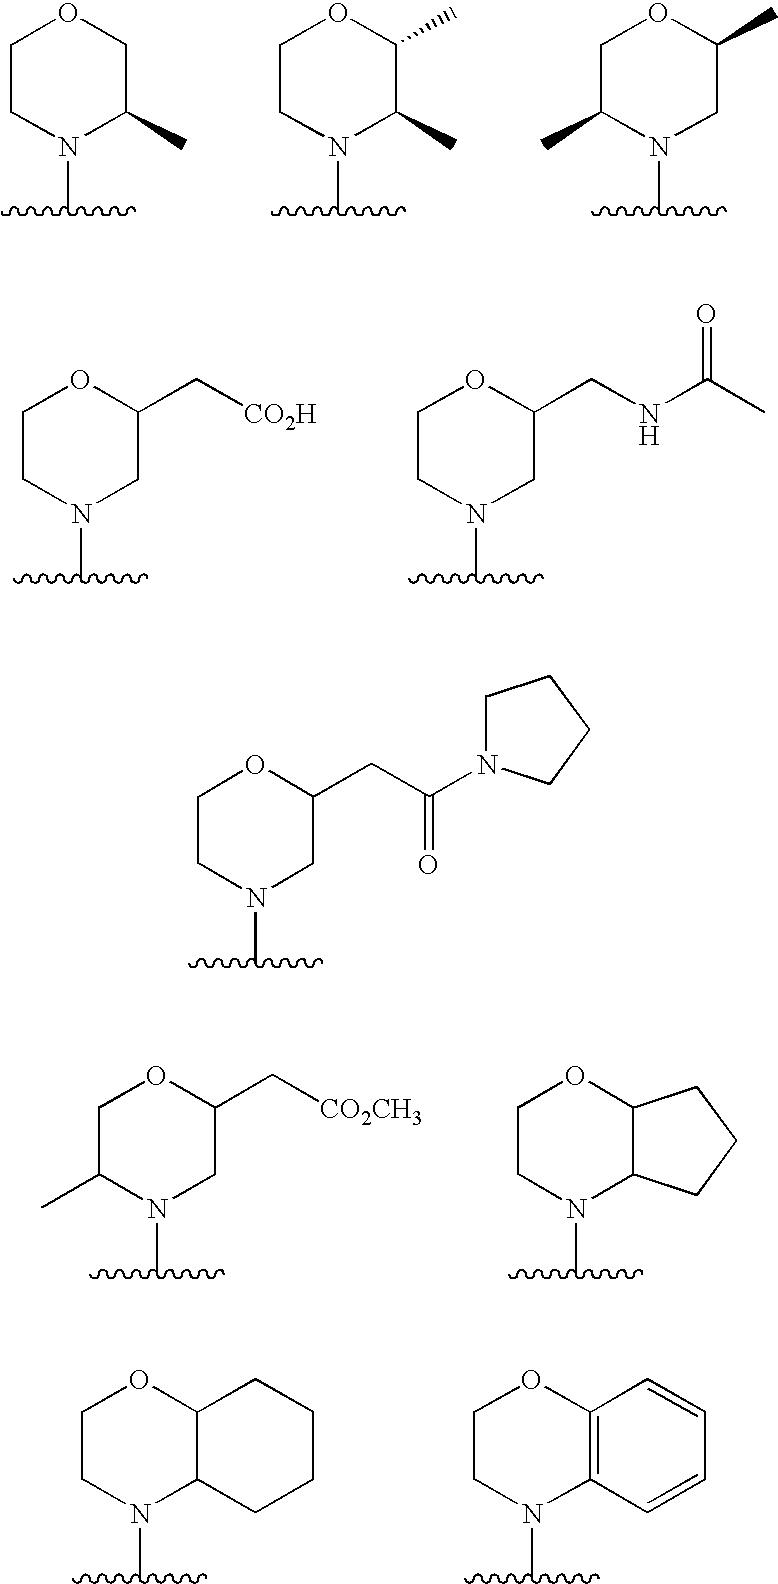 Figure US08173650-20120508-C00013